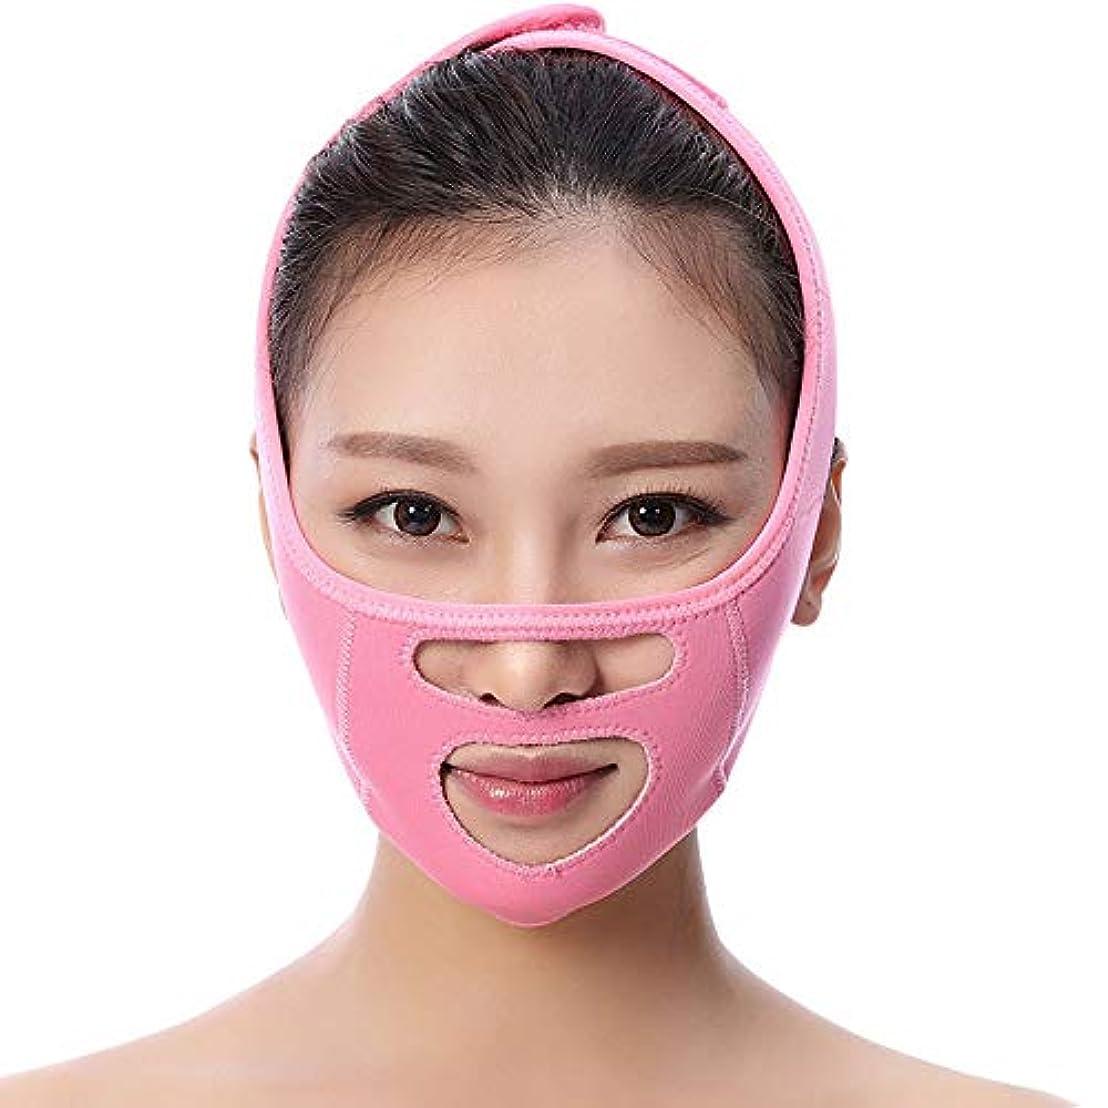 不屈バケツ紛争フェイスリフトマスク、薄型フェイスベルトを眠らせる/フェイスフェイスリフトアーチファクト(ブルー/ピンク)を令状にするために美容フェイスリフト包帯を強化,Pink